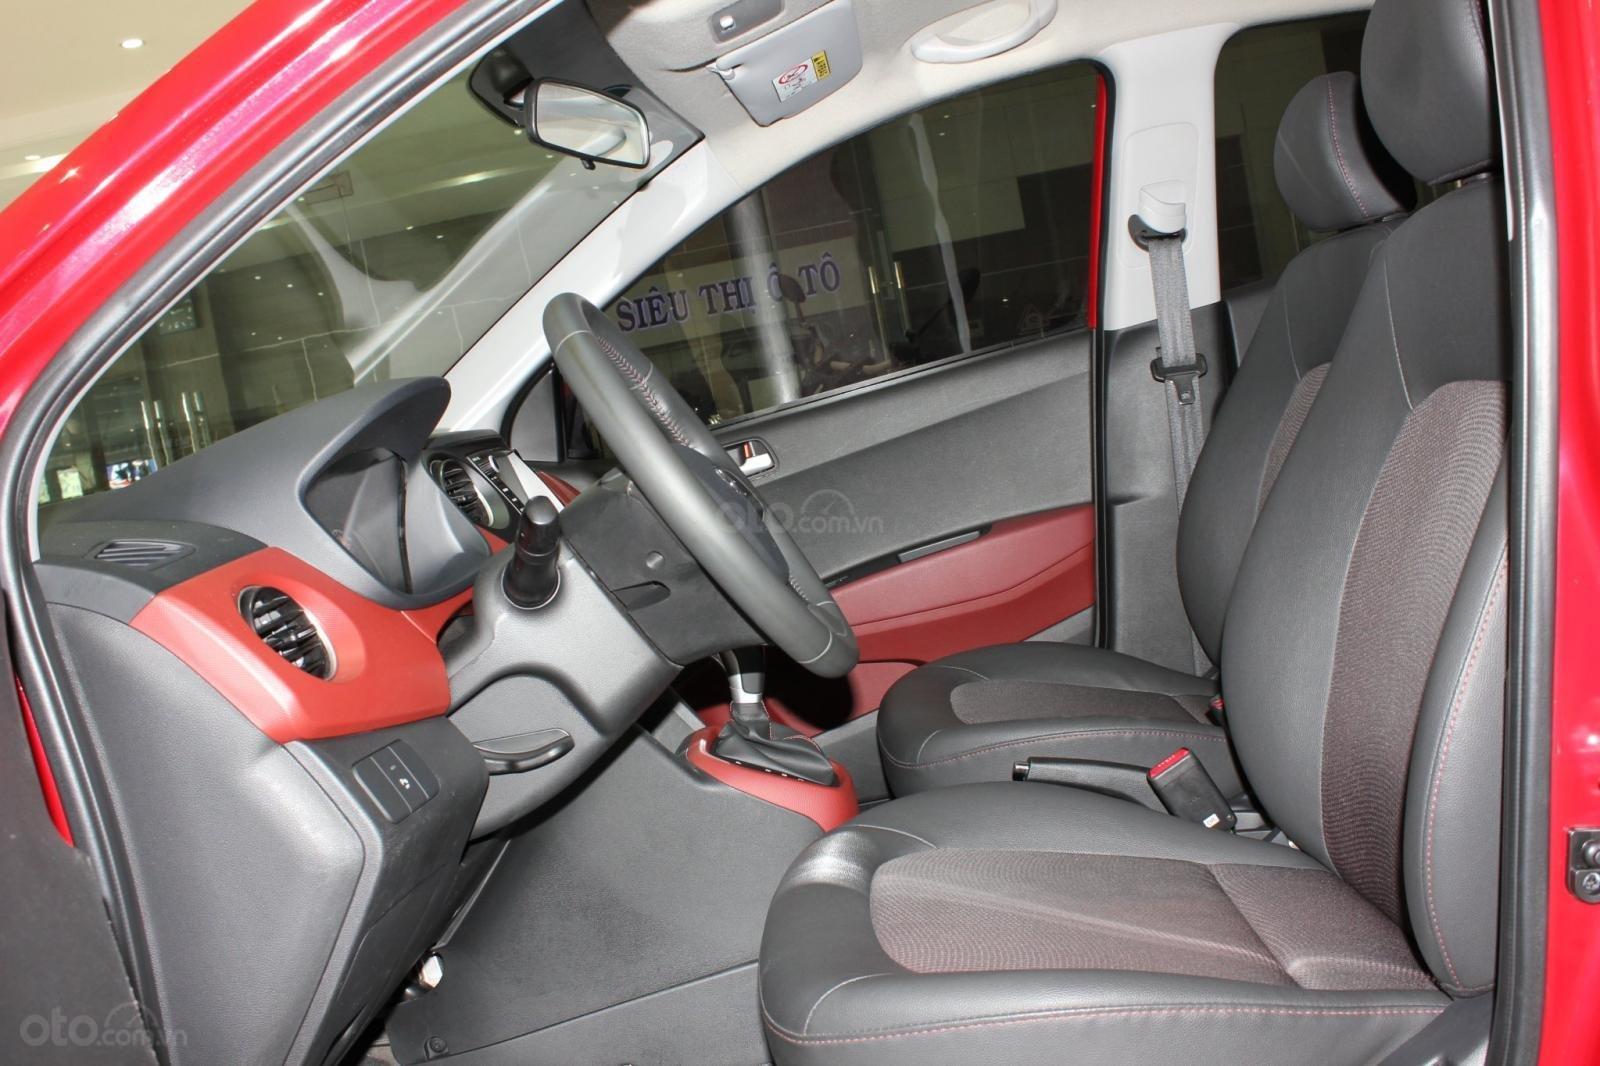 Hot hot hốt ngay Hyundai Grand i10 với giá cực hót và quà tặng hấp dẫn-7